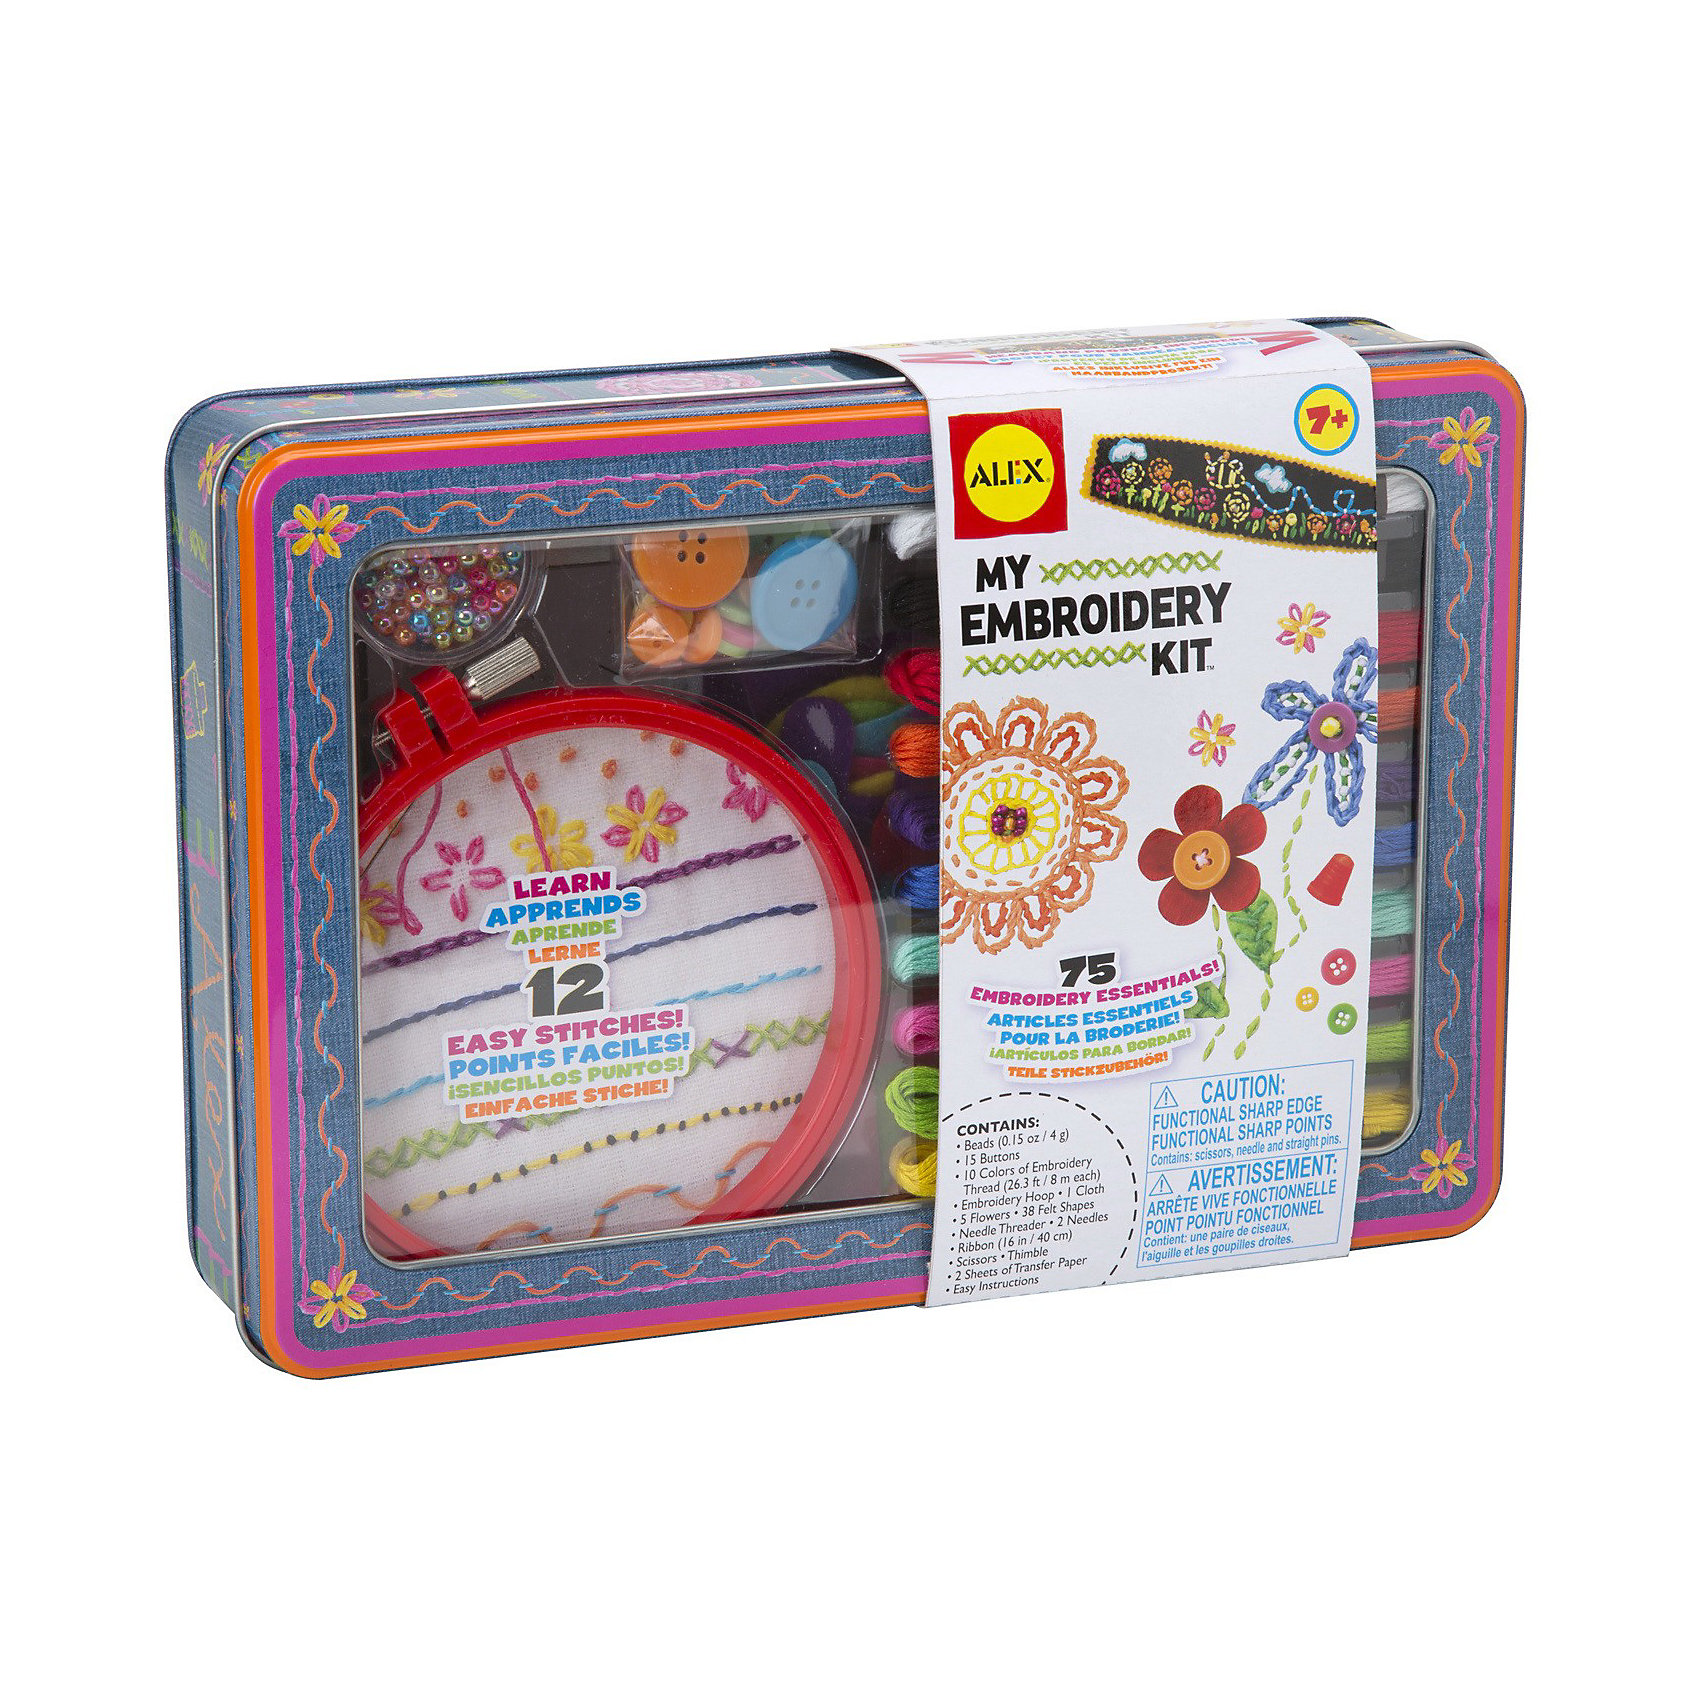 ALEX Большой набор для вышивания ALEX - учим 12 видов стежков alex alex посуда игрушечная chasing butterflies ceramic tea set поймай бабочку 13 предметов